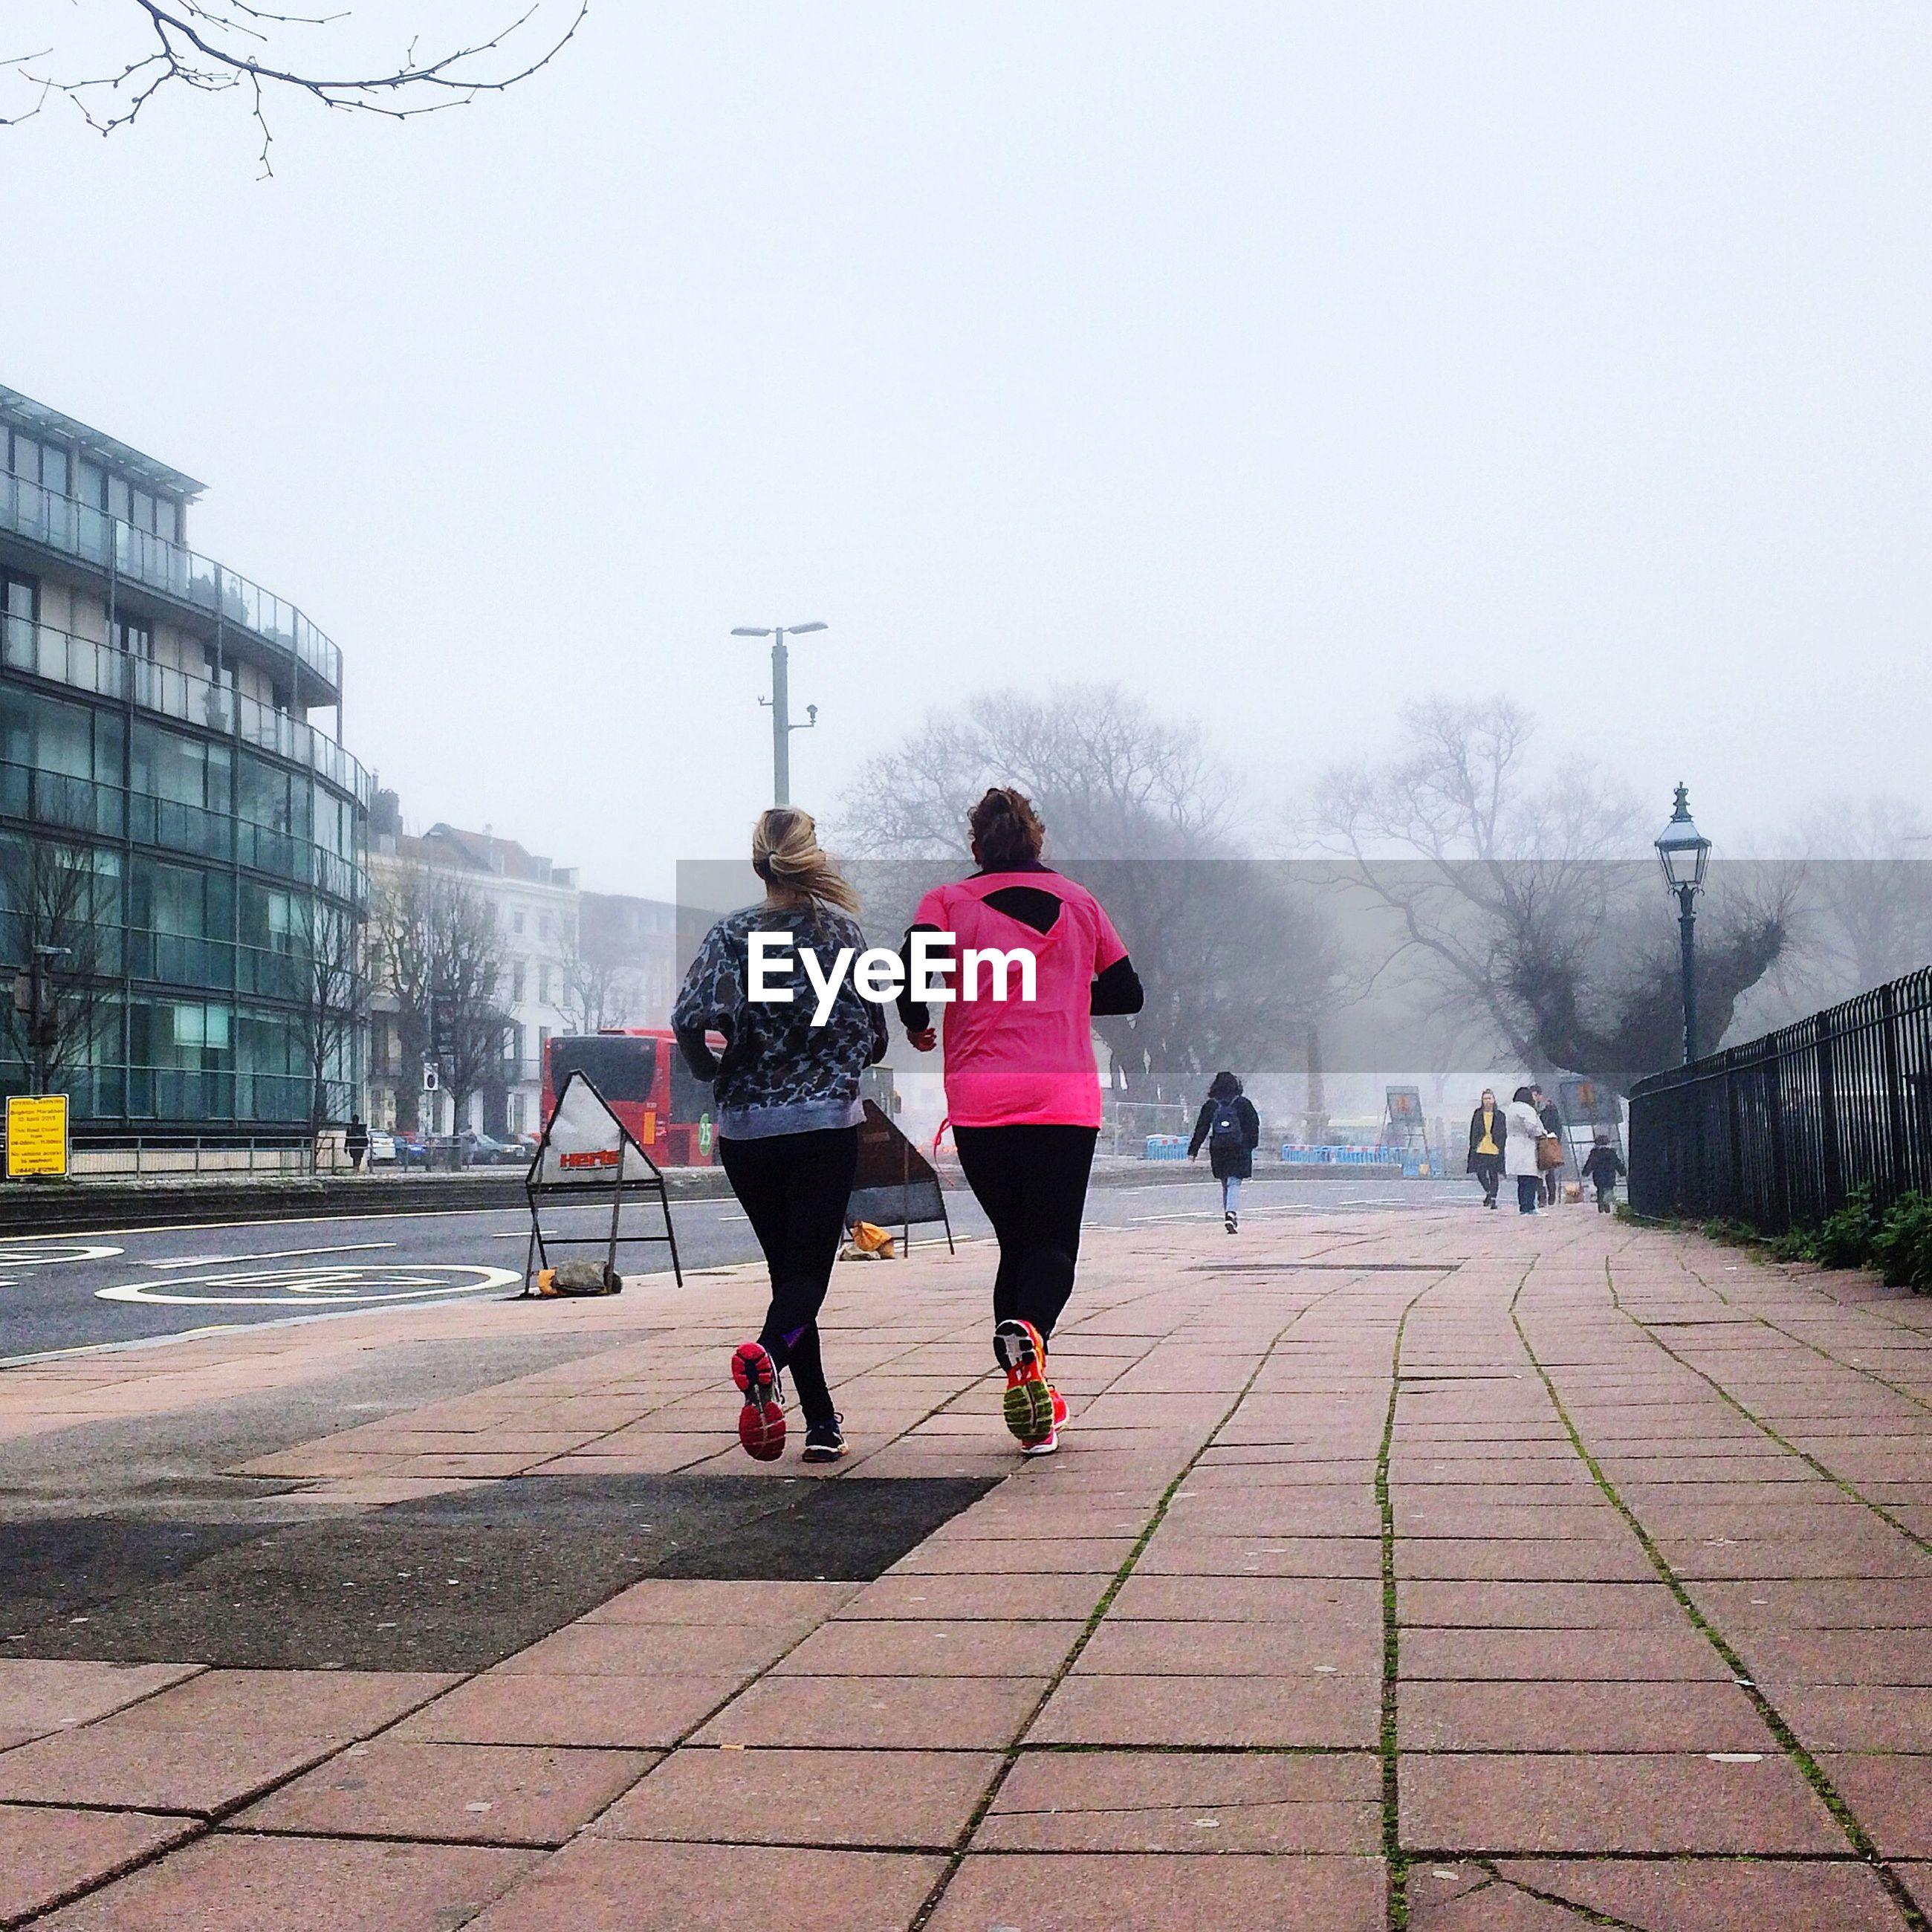 Two women jogging on sidewalk